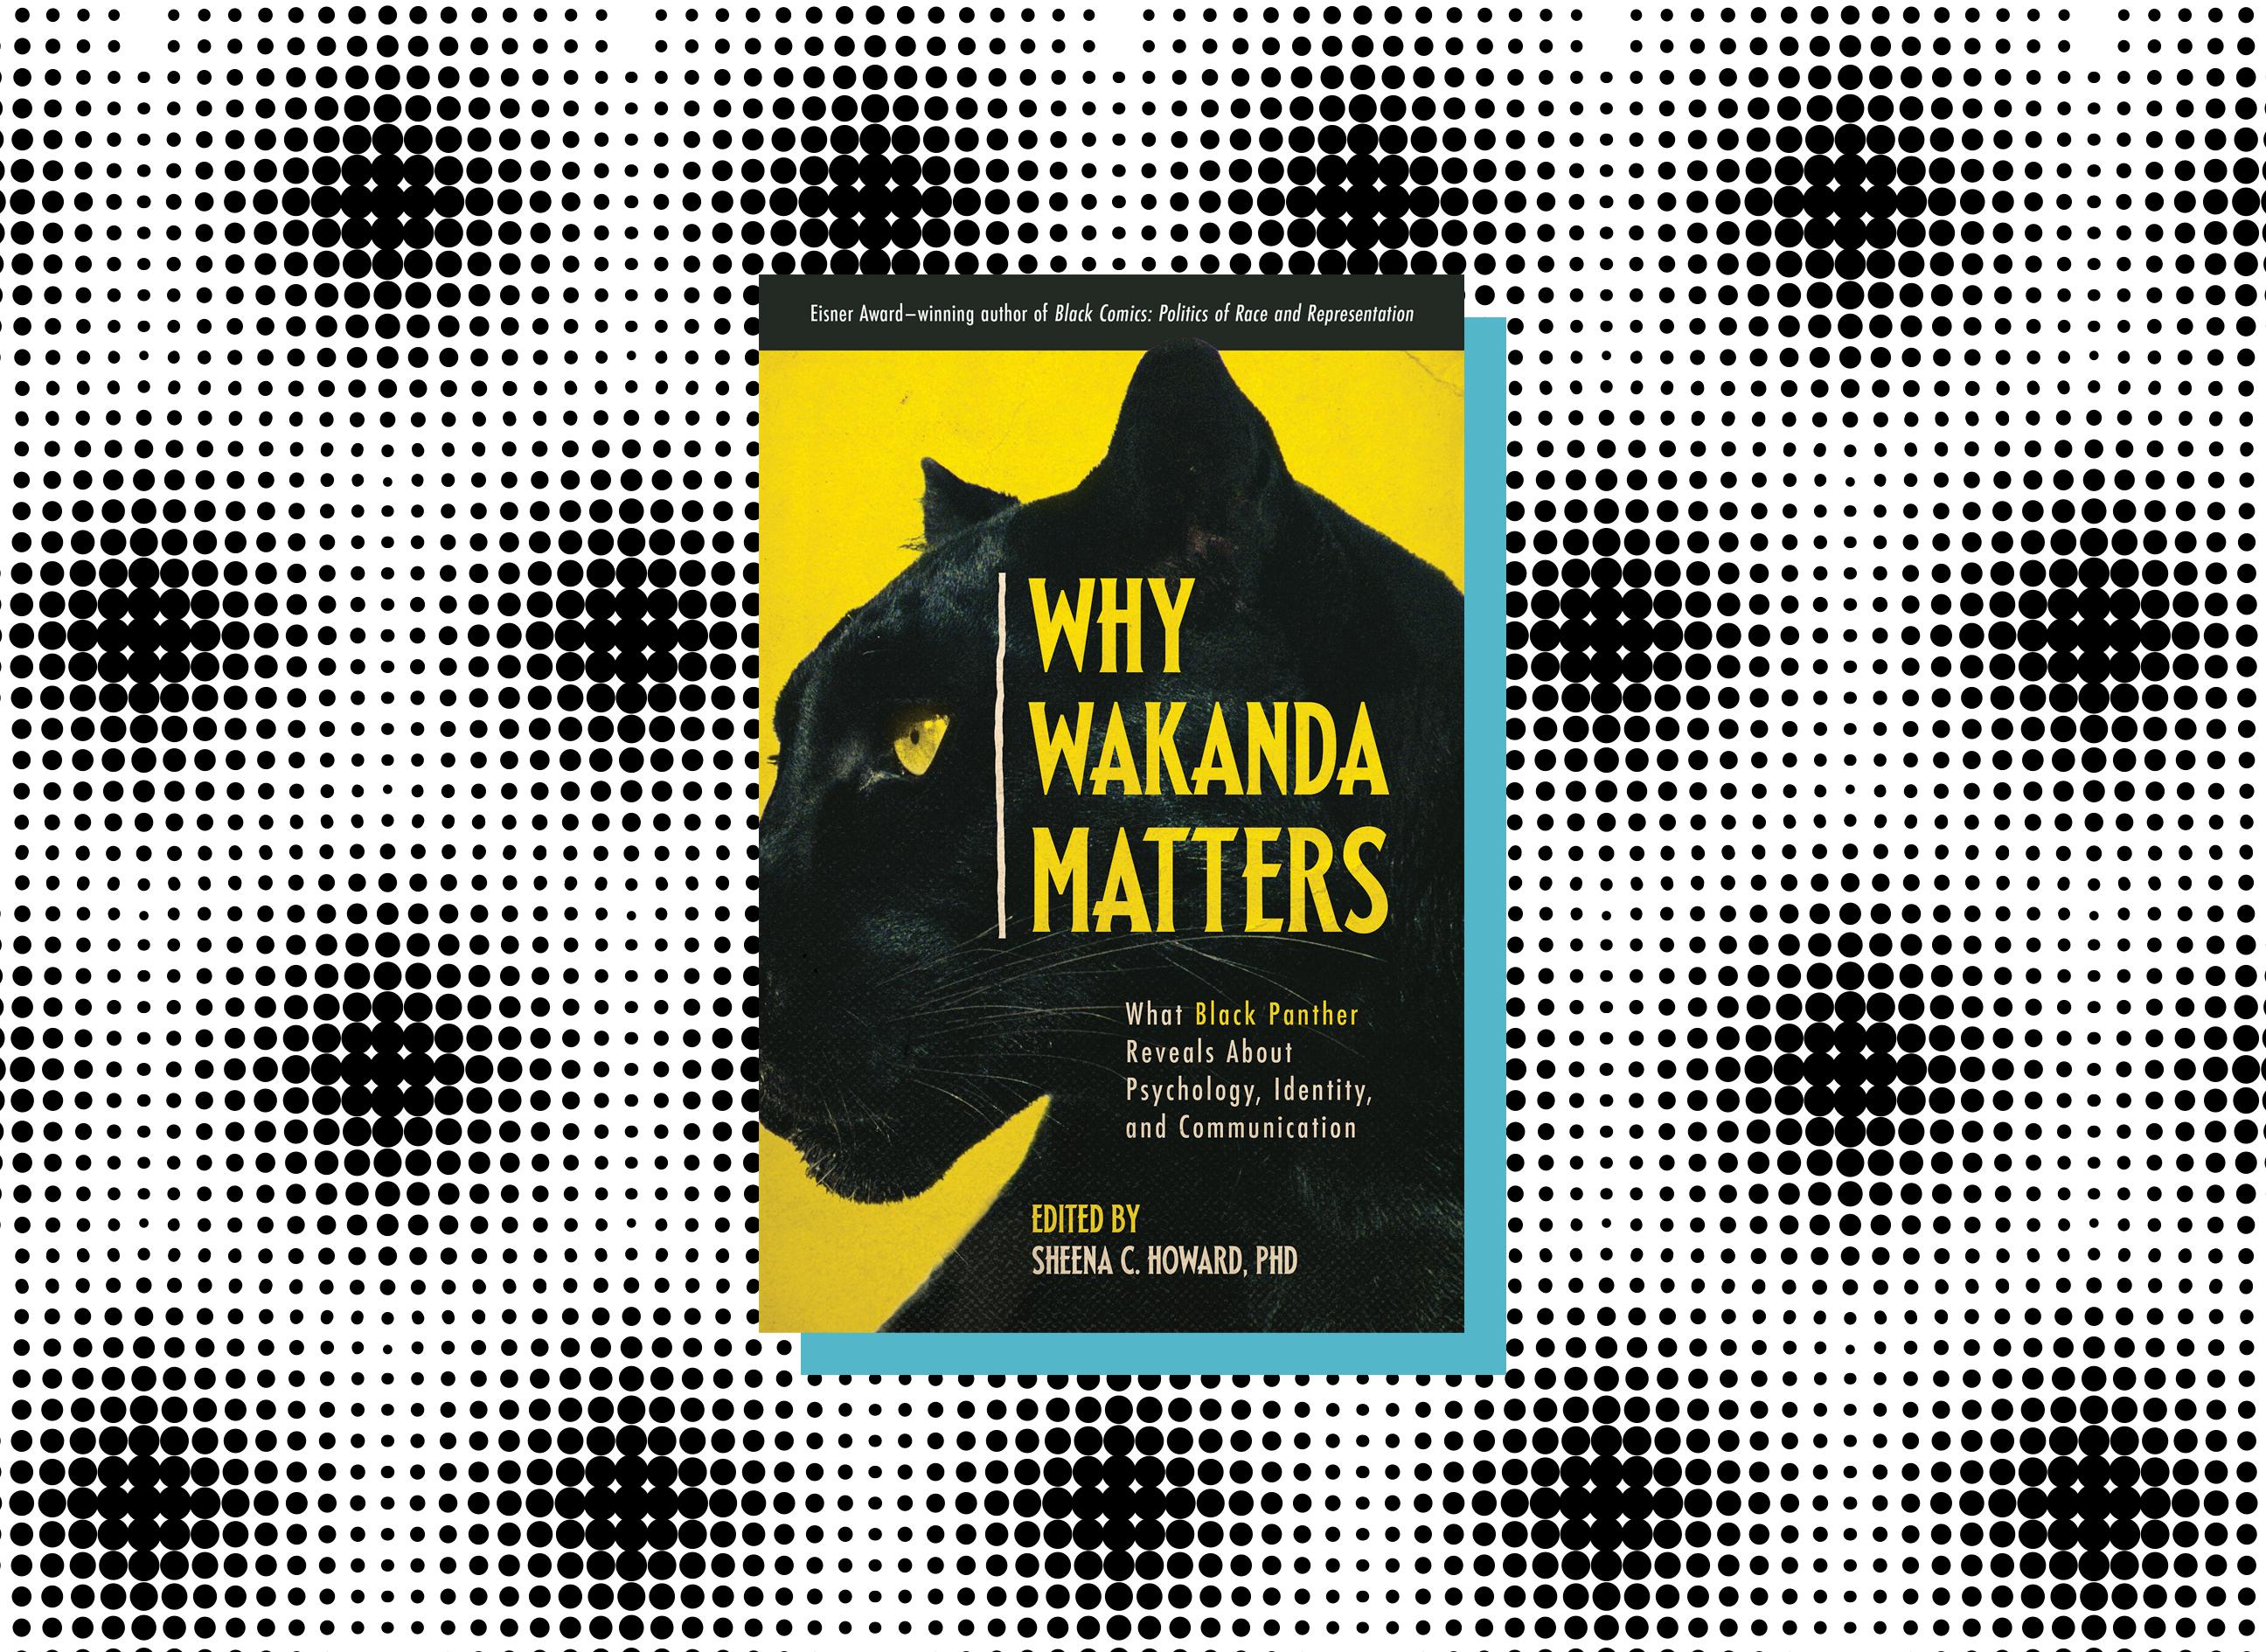 Why Wakanda Matters book cover